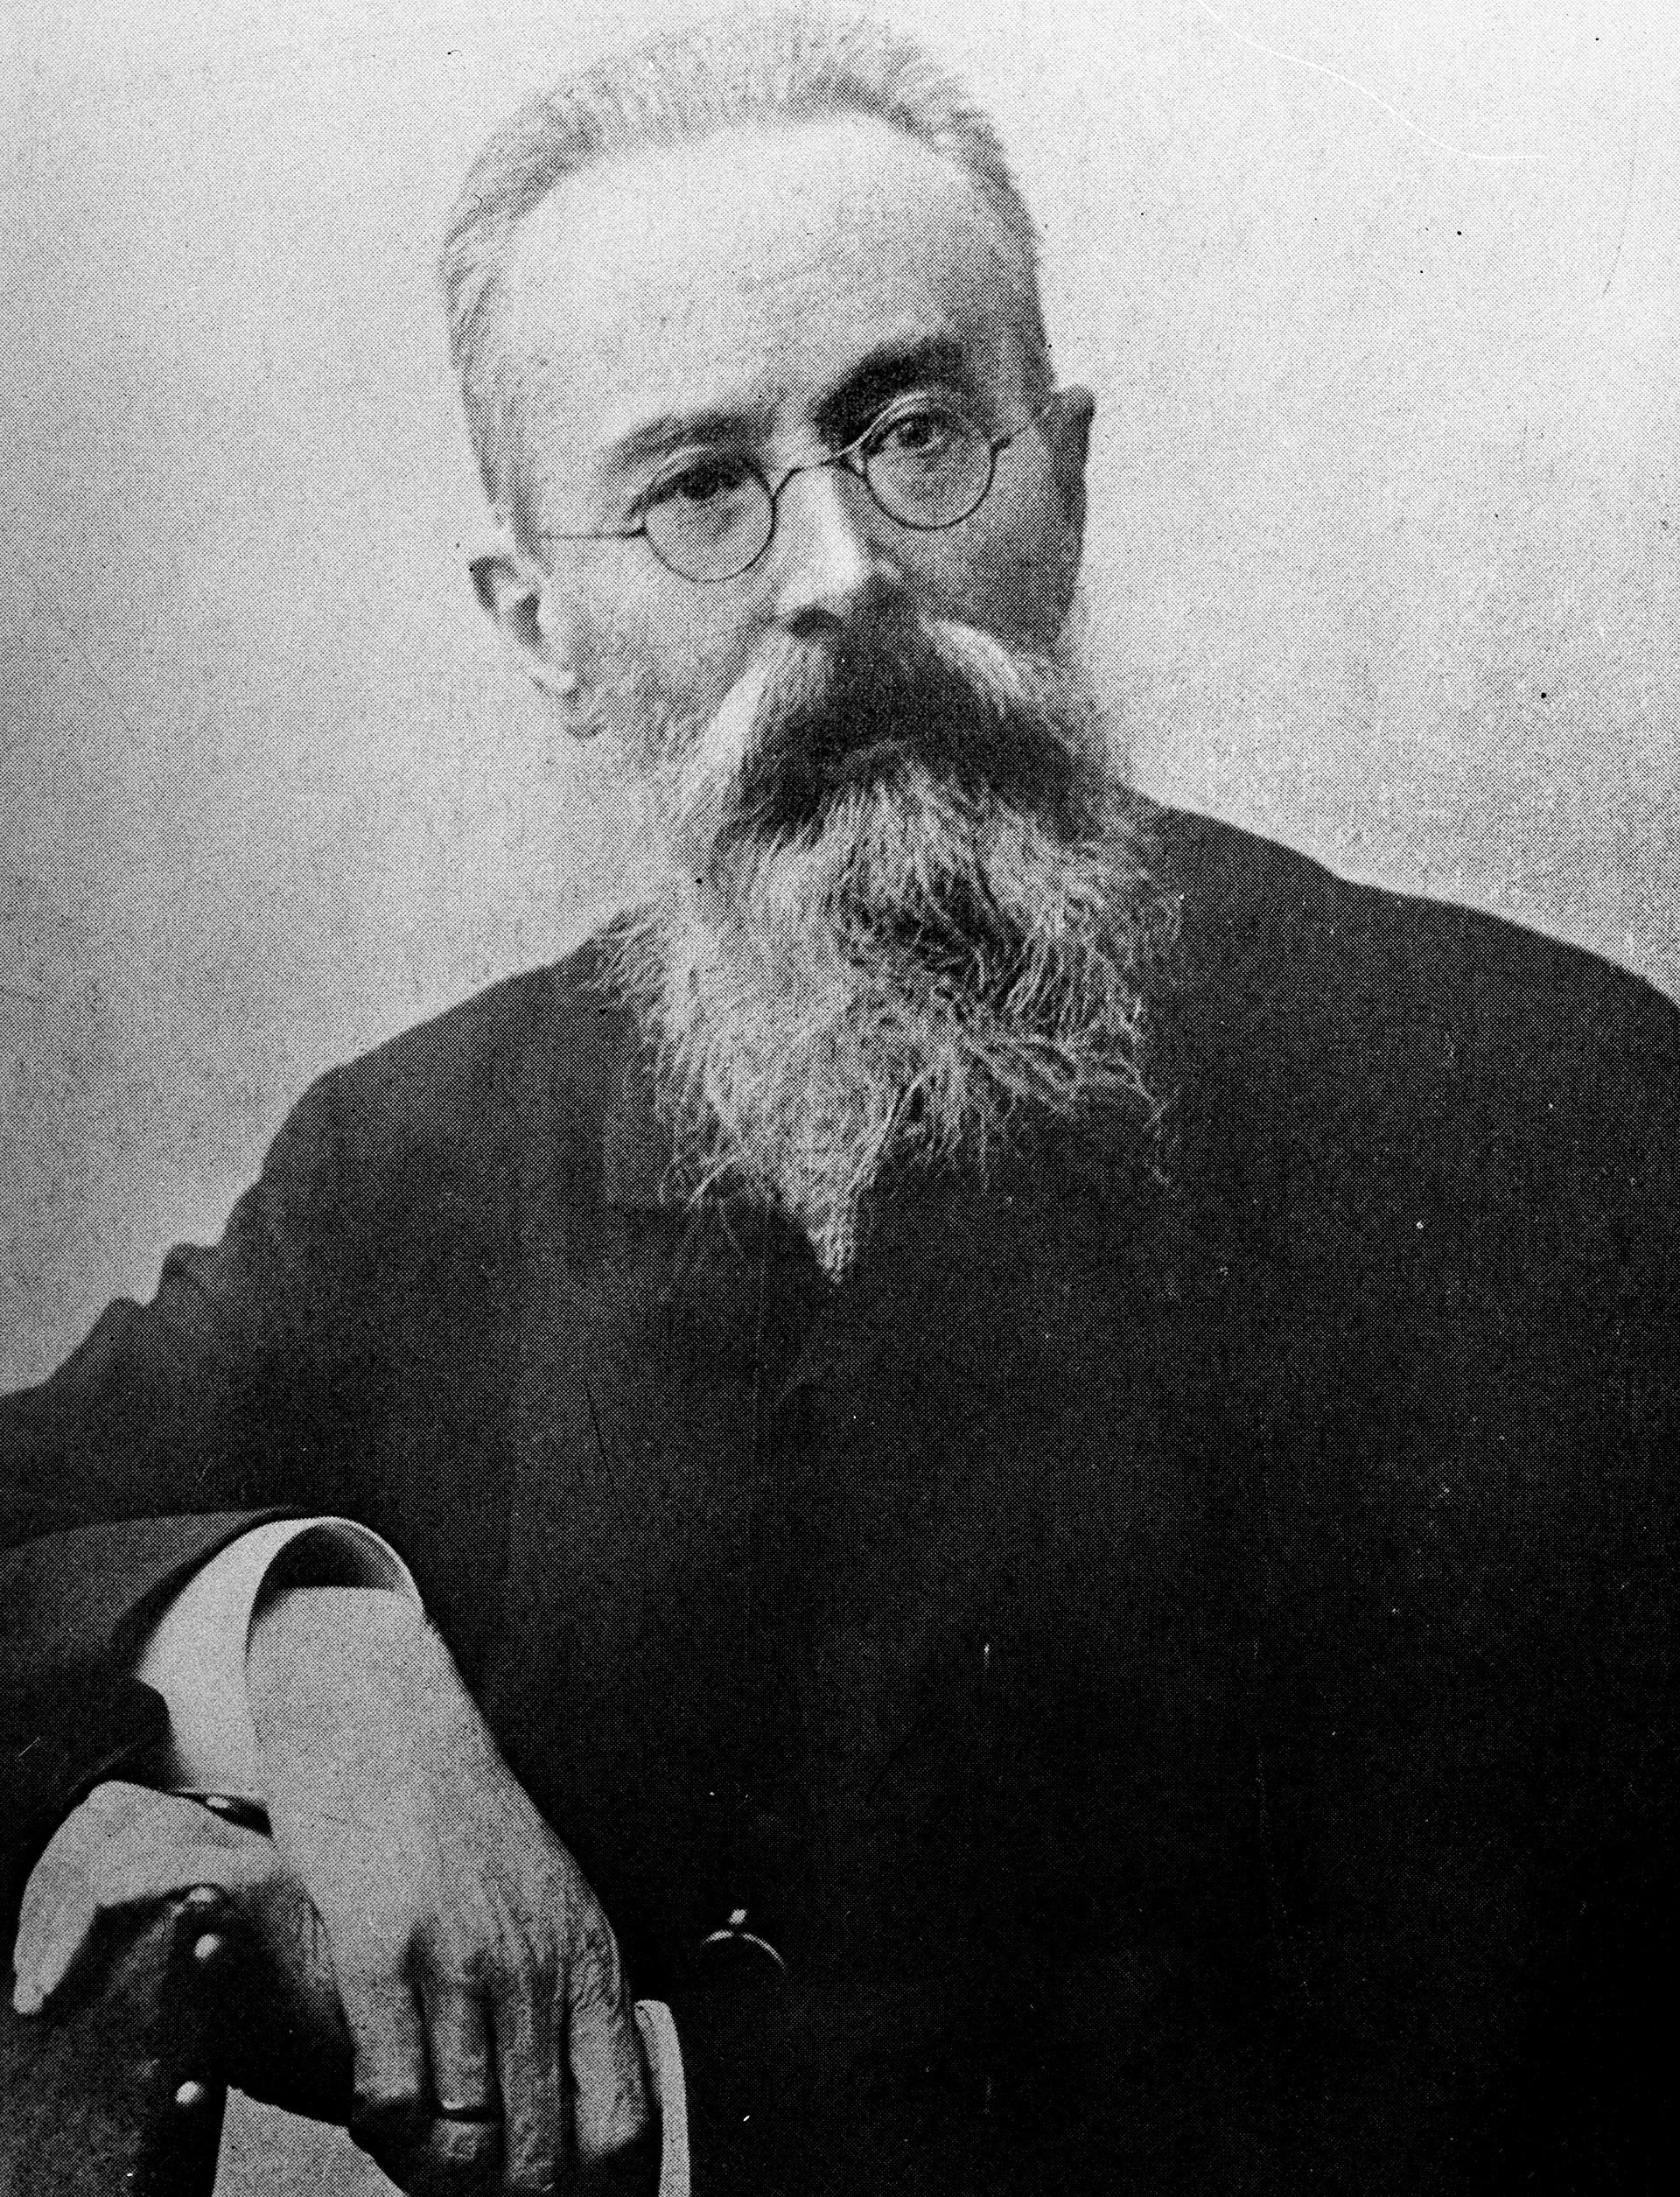 ニコライ・リムスキー=コルサコフ